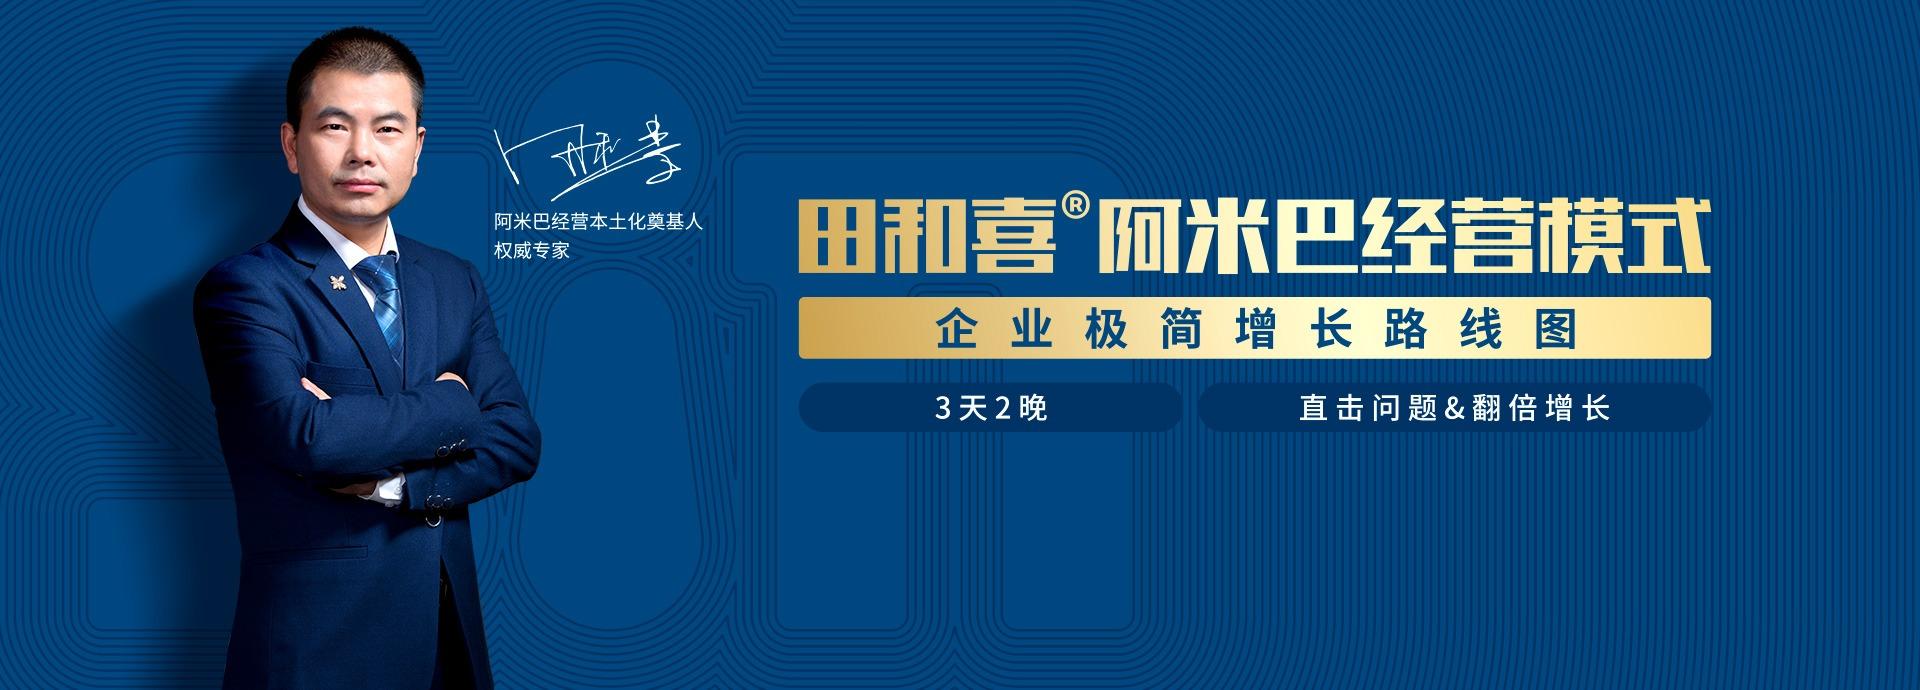 广州道成咨询-阿米巴经营模式-田和喜®阿米巴经营模式banner